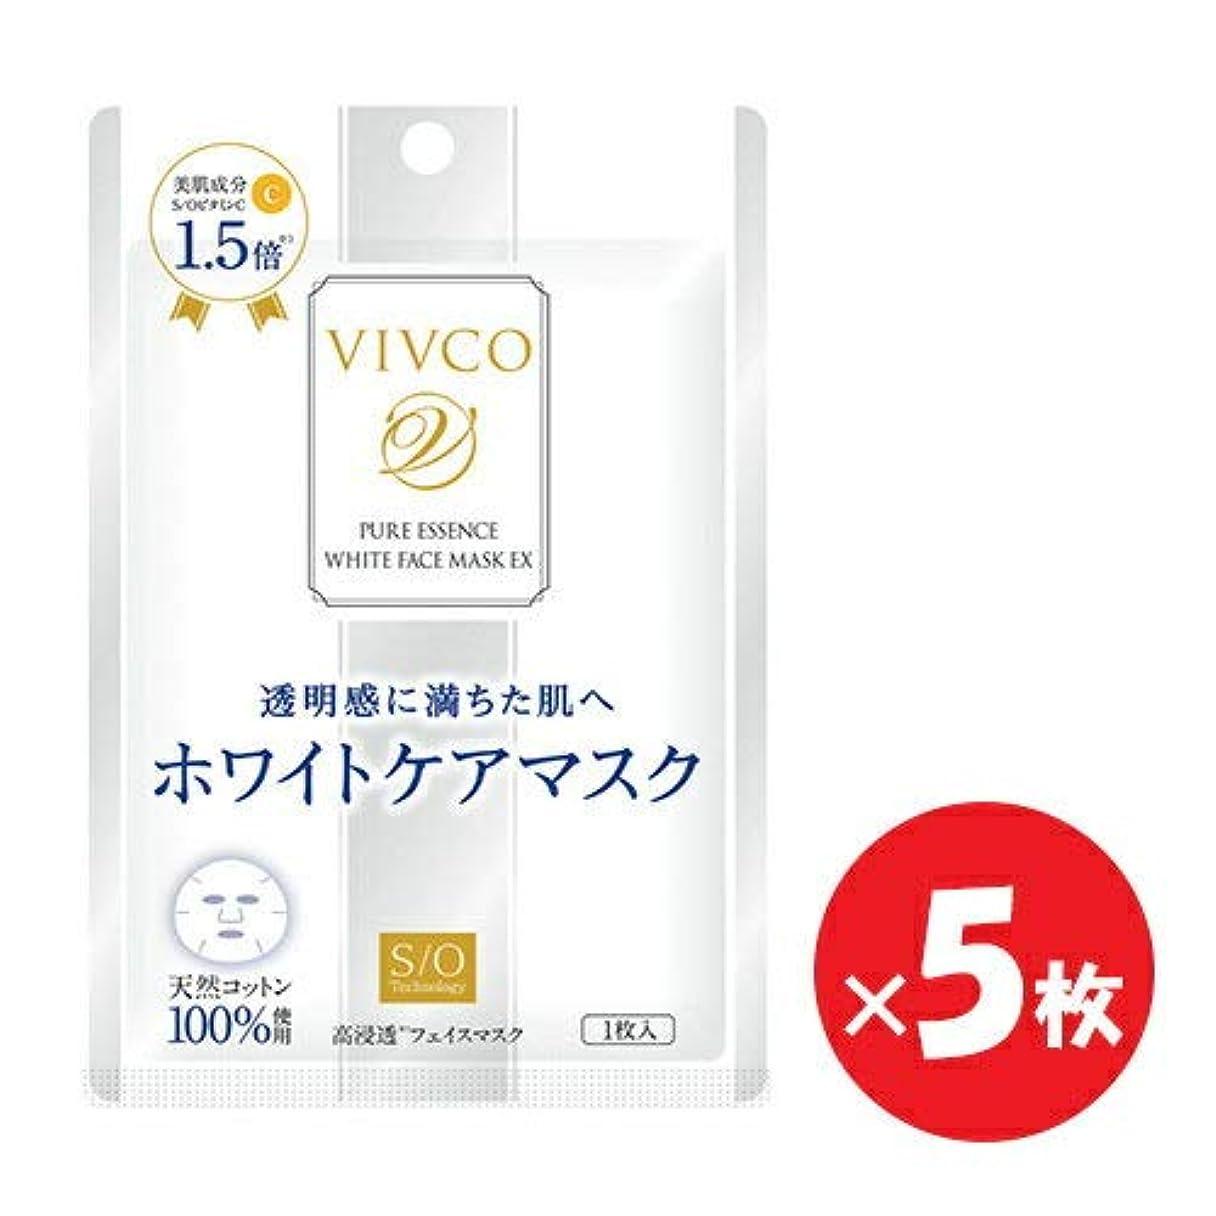 スロープ補助貸し手VIVCO(ヴィヴコ) ピュアエッセンスホワイトフェイスマスク EX 5枚セット